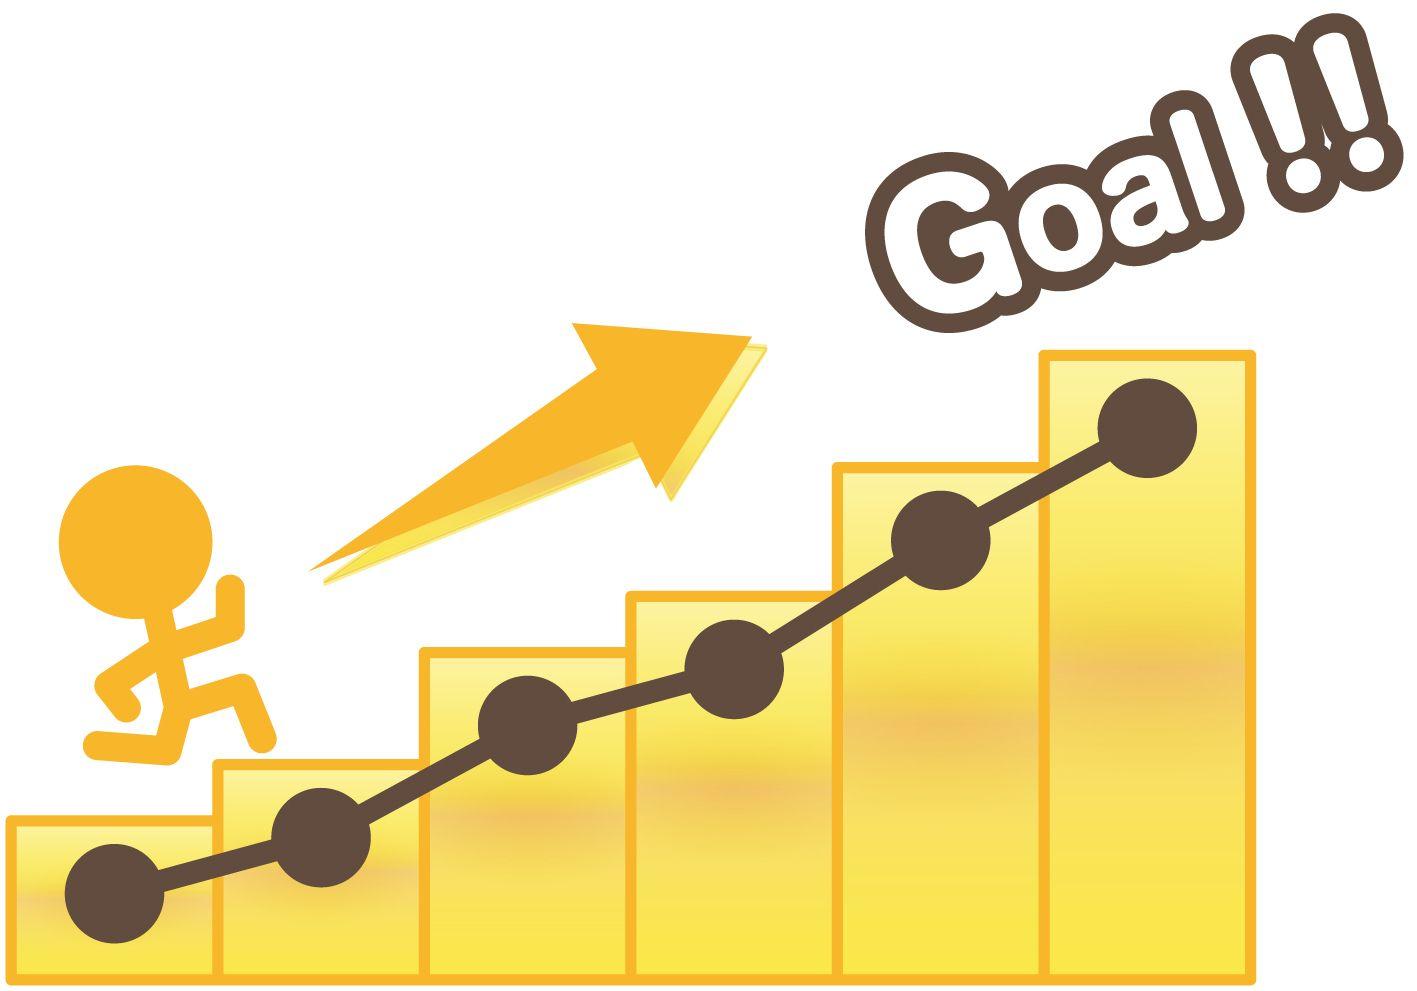 初心者の方でも不動産売却に無理なく短期間に成功するには手順が重要